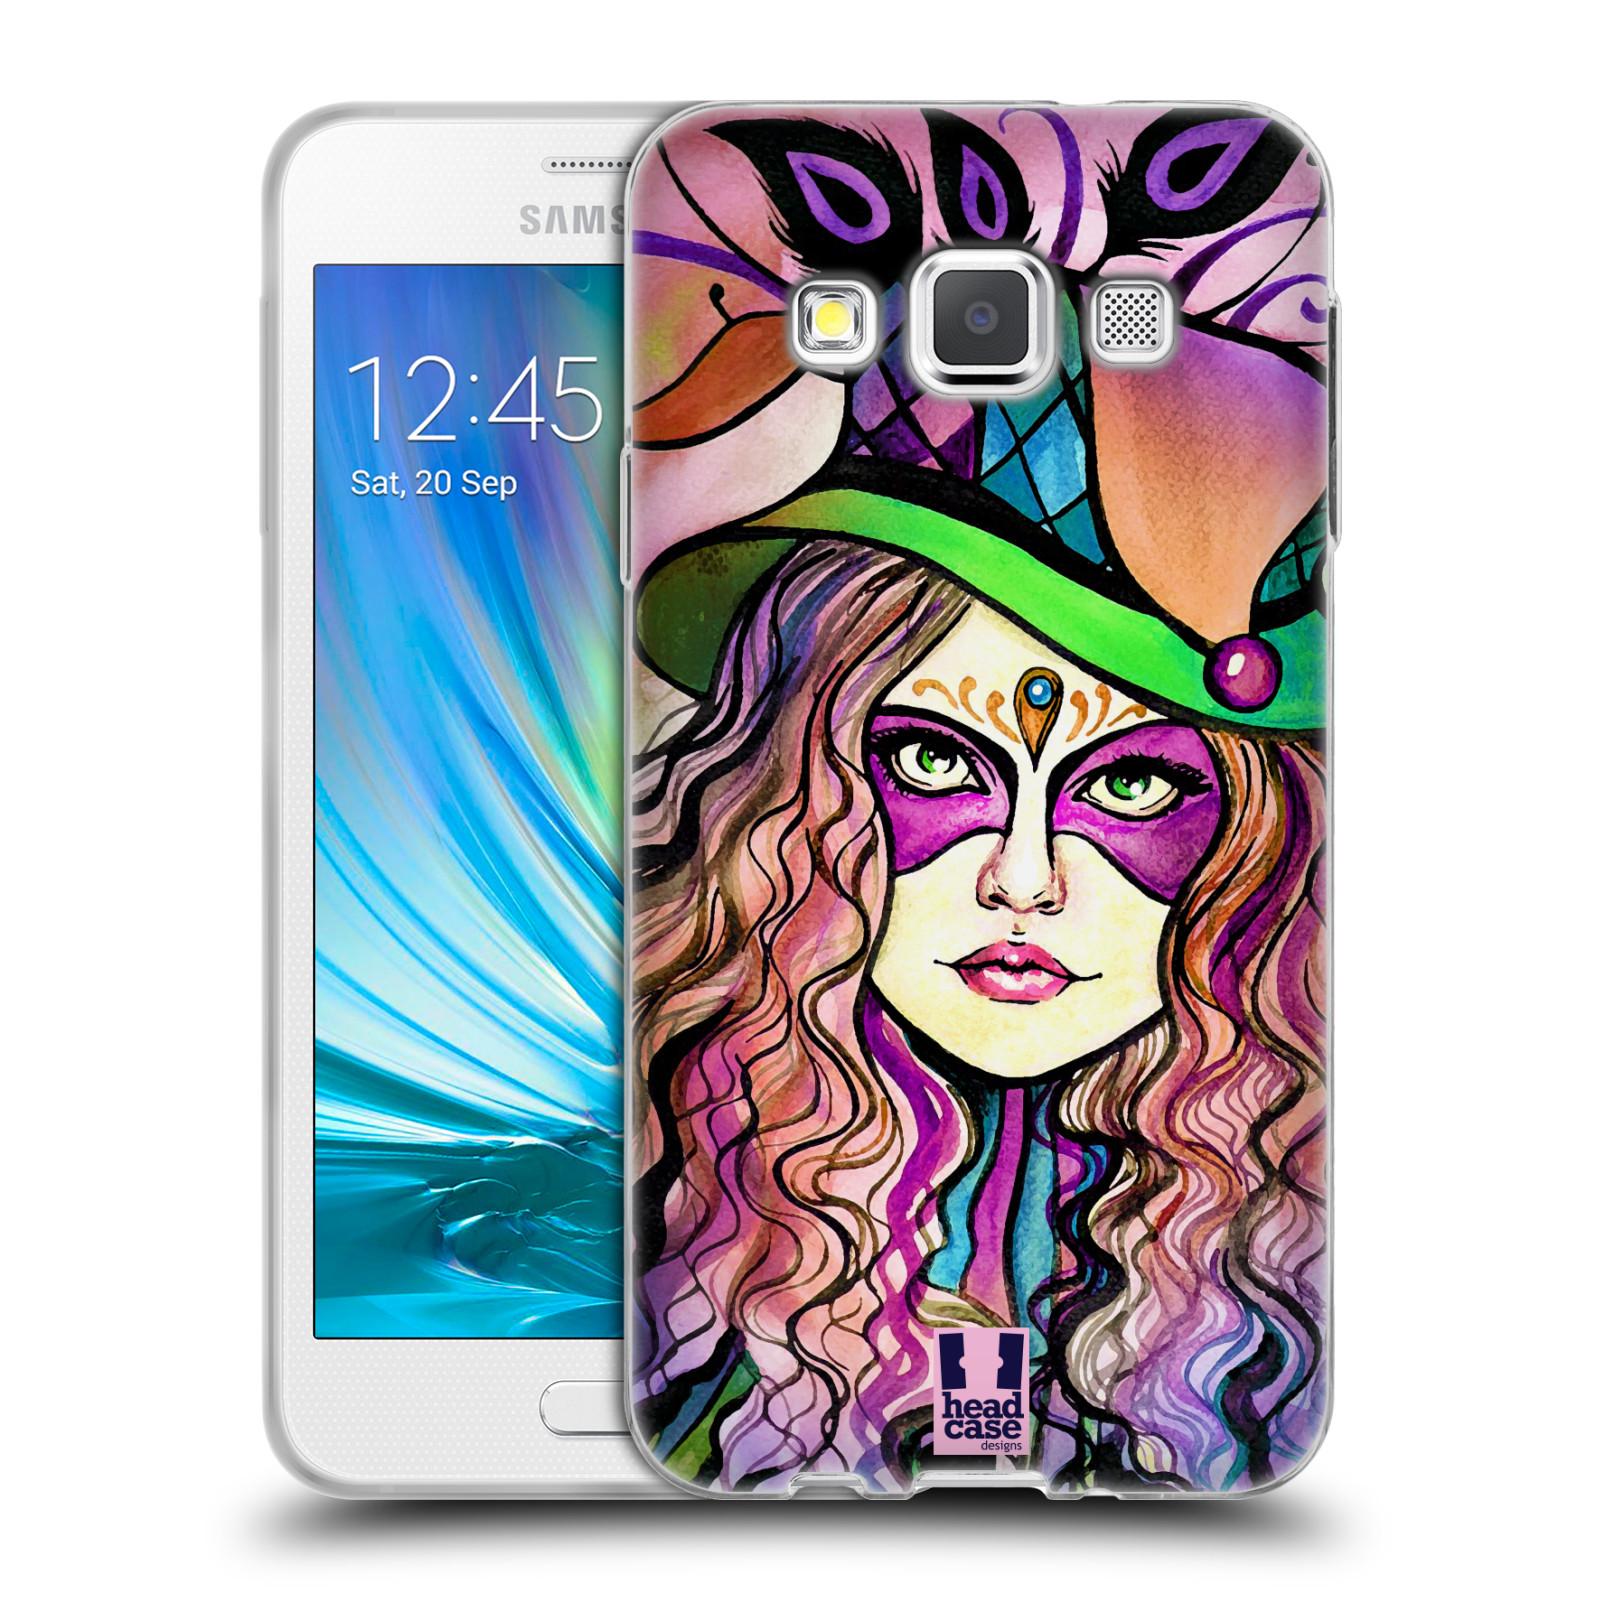 HEAD CASE silikonový obal na mobil Samsung Galaxy A3 vzor Maškarní ples masky kreslené vzory KLOBOUK